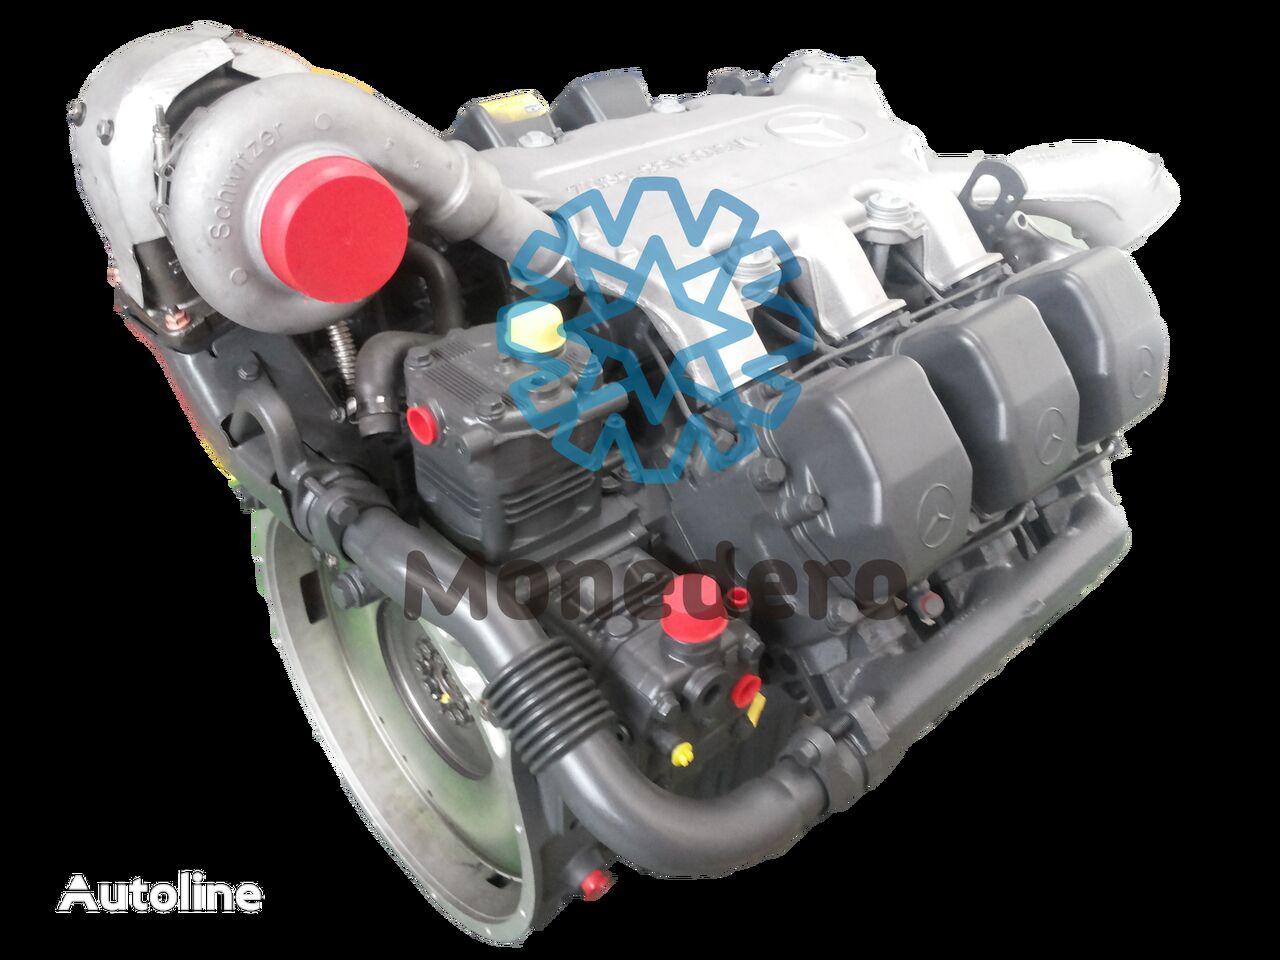 MERCEDES-BENZ OM 501 LA motor para camião